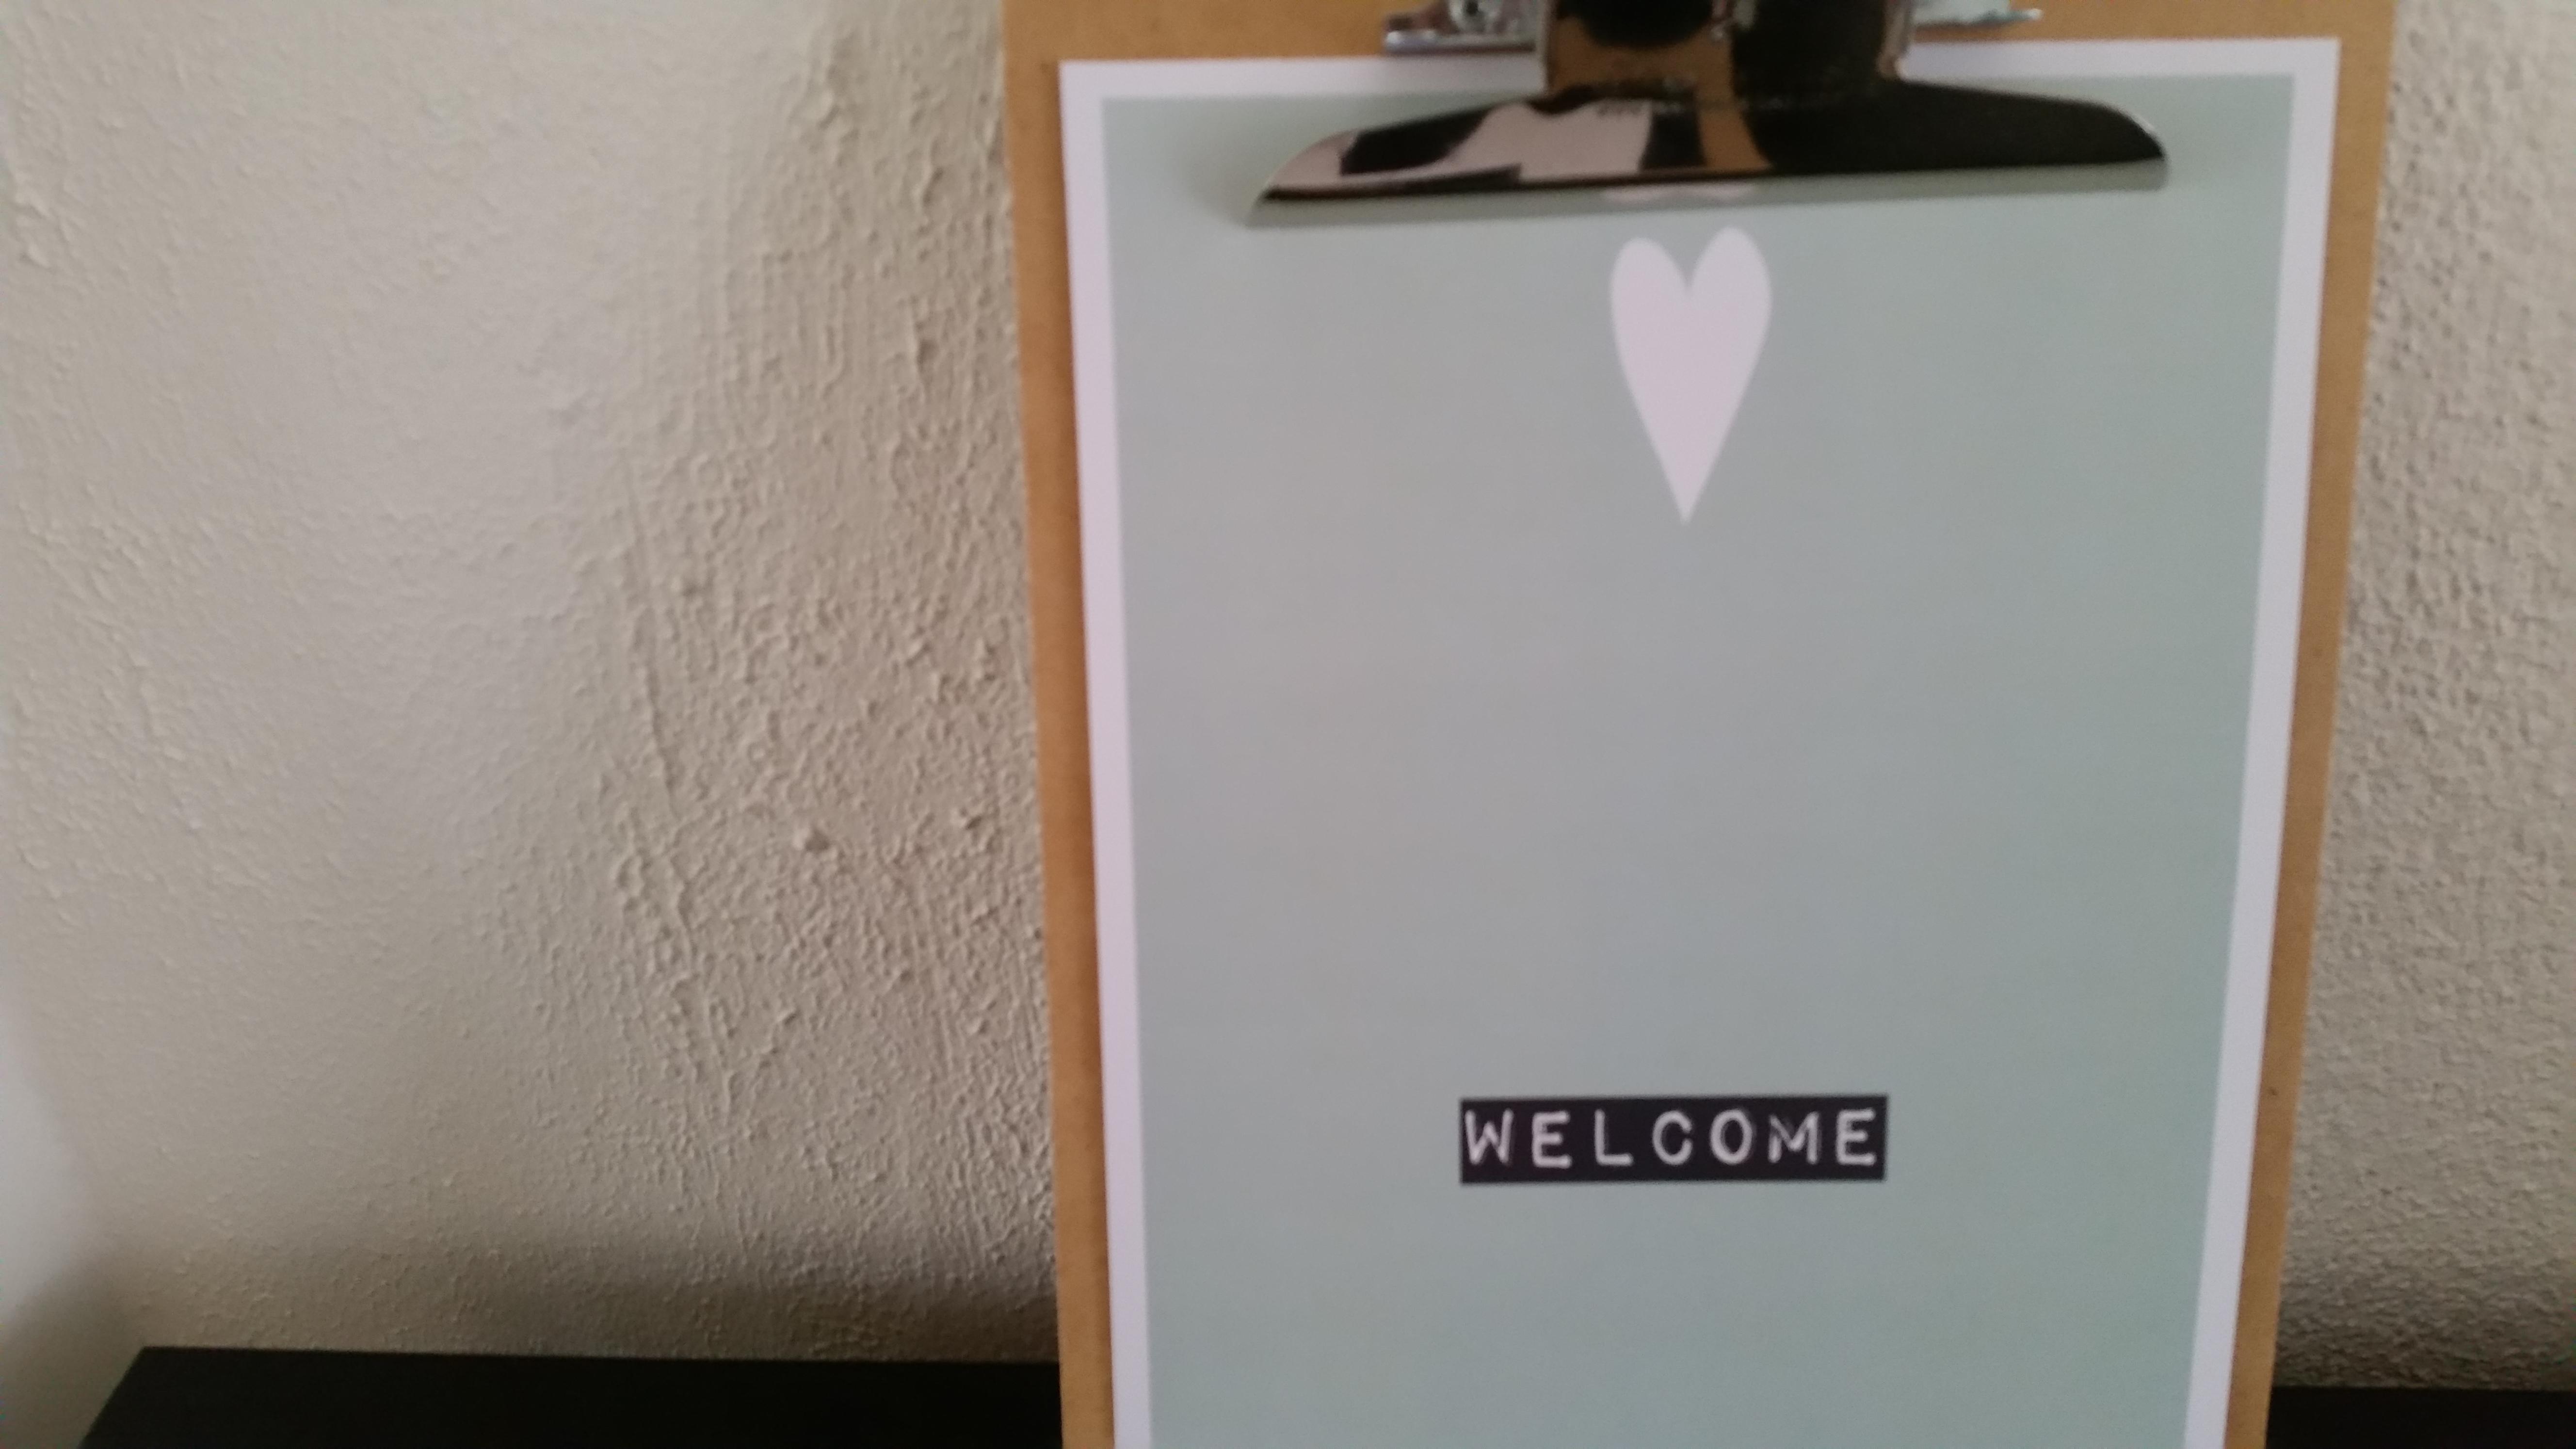 5-16-printcandy-welkom-huis-inrichting-styling-accessoires-naam-initialen-clipboard-clipboards-poster-posters-leuk-huis-gang-mint-zwart-wit-zelf-maken-ontwerpen-nanny-moeder-amsterdam-groot